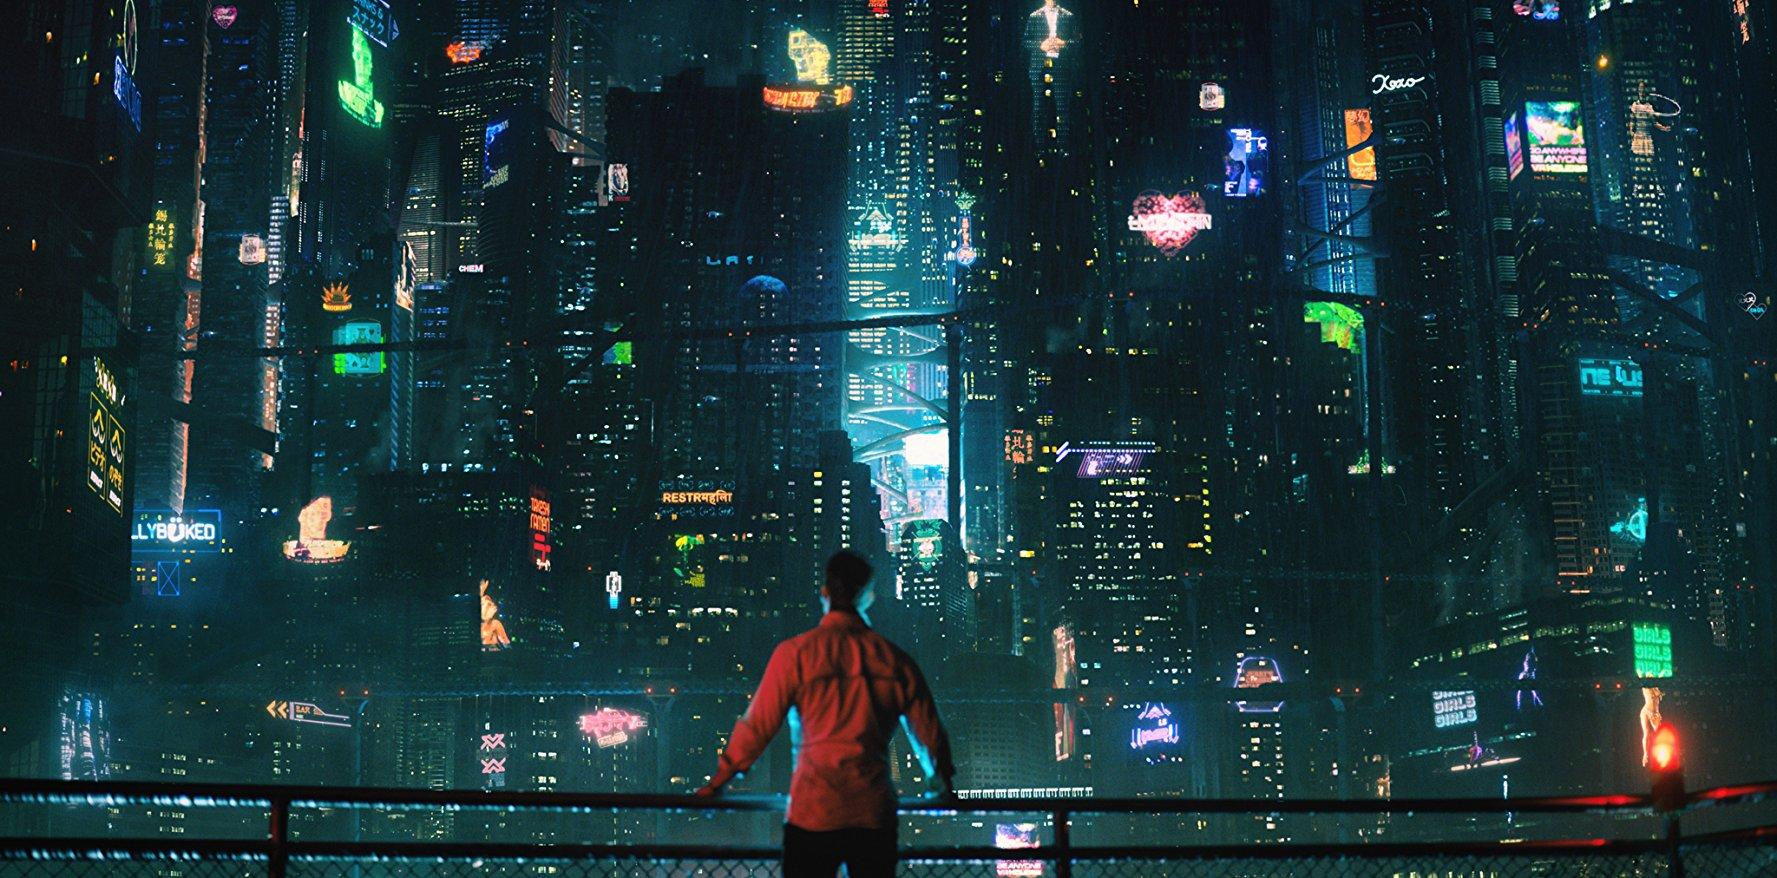 'O que amo na ficção científica é que ela nos permite projetar como os avanços tecnológicos podem transformar o que fazemos', diz a atriz Renée Elise Goldsberry.